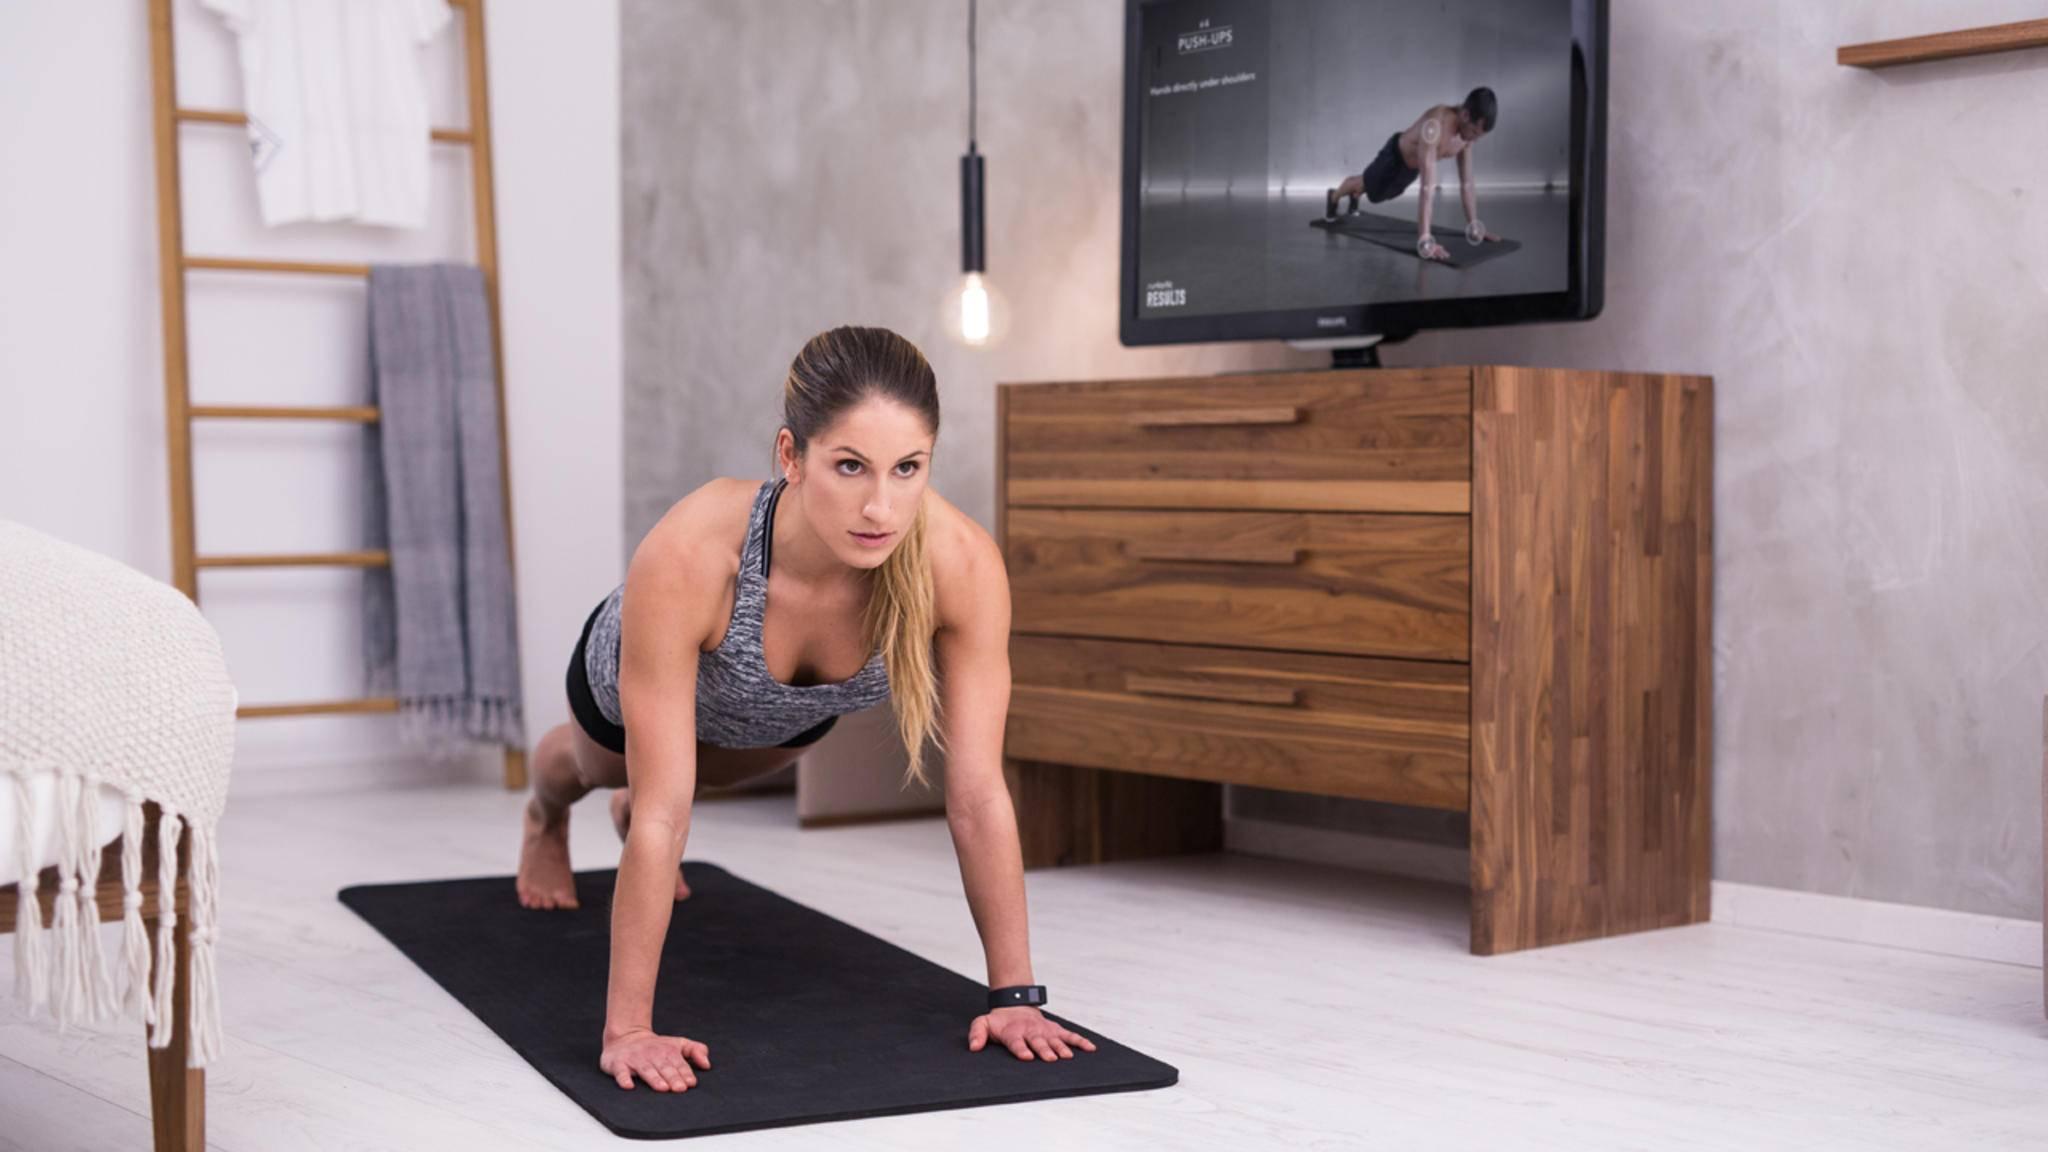 Klassische Liegestütze trainieren Schulter-, Arm- und Brustmuskulatur.